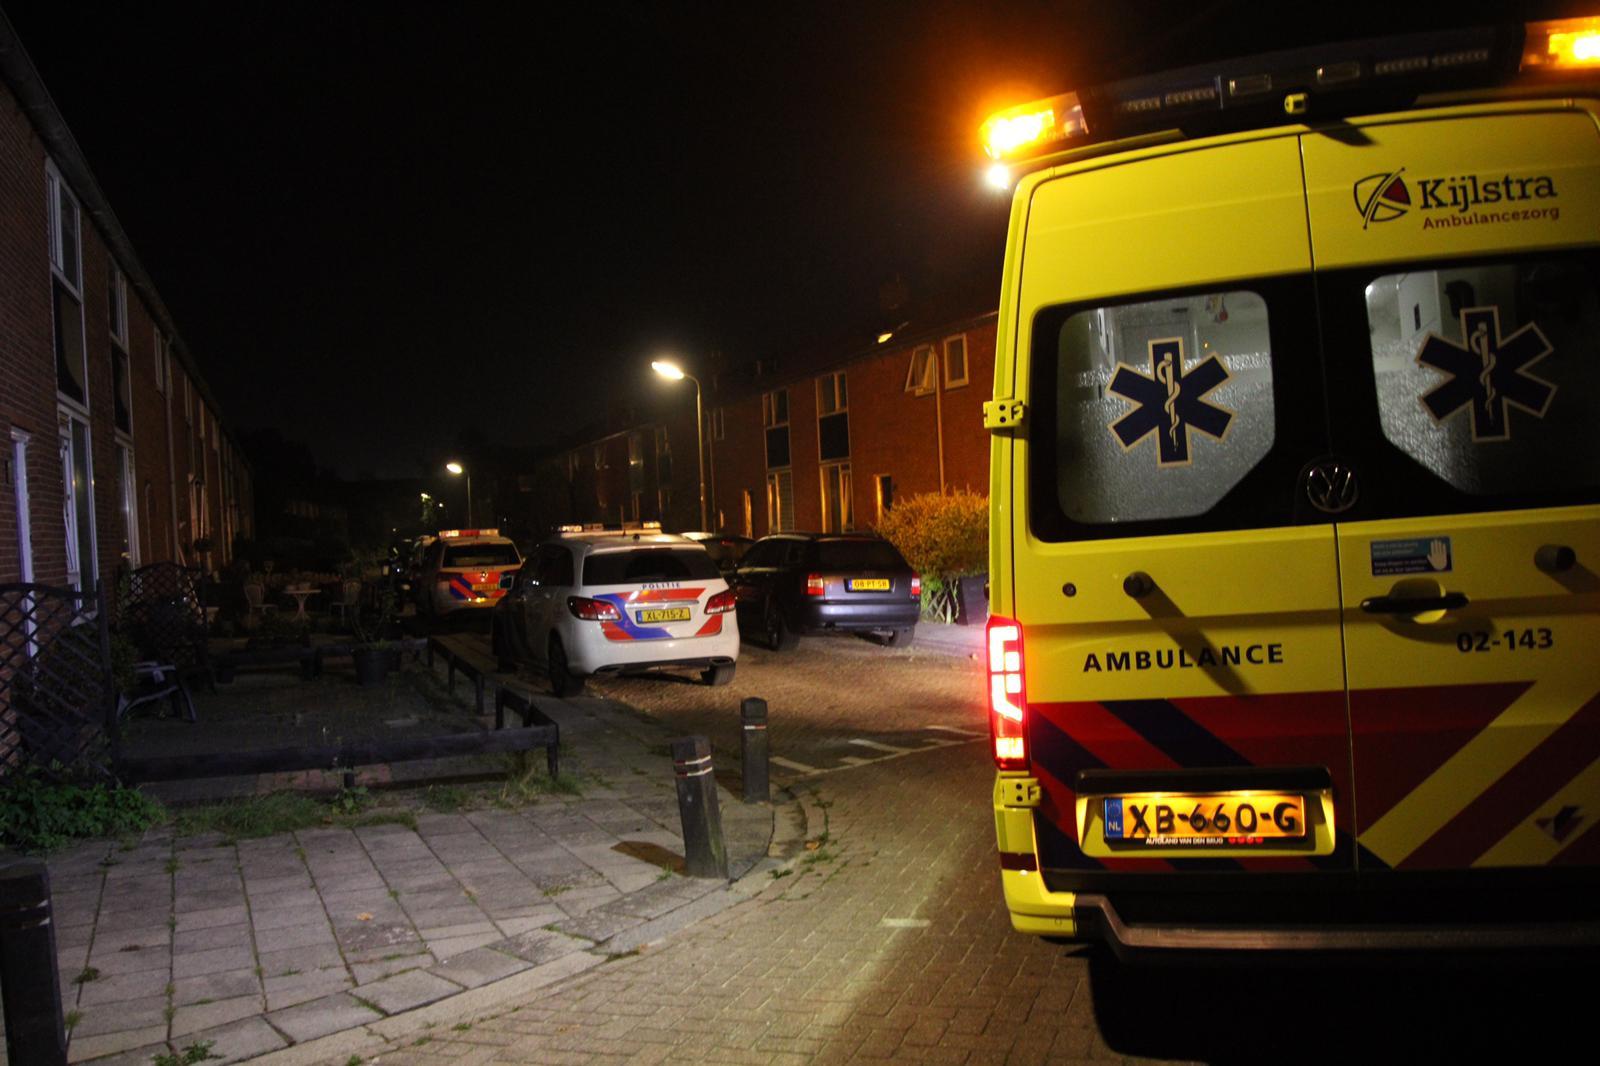 Vrouw gewond na mogelijke steekincident in Leeuwarden